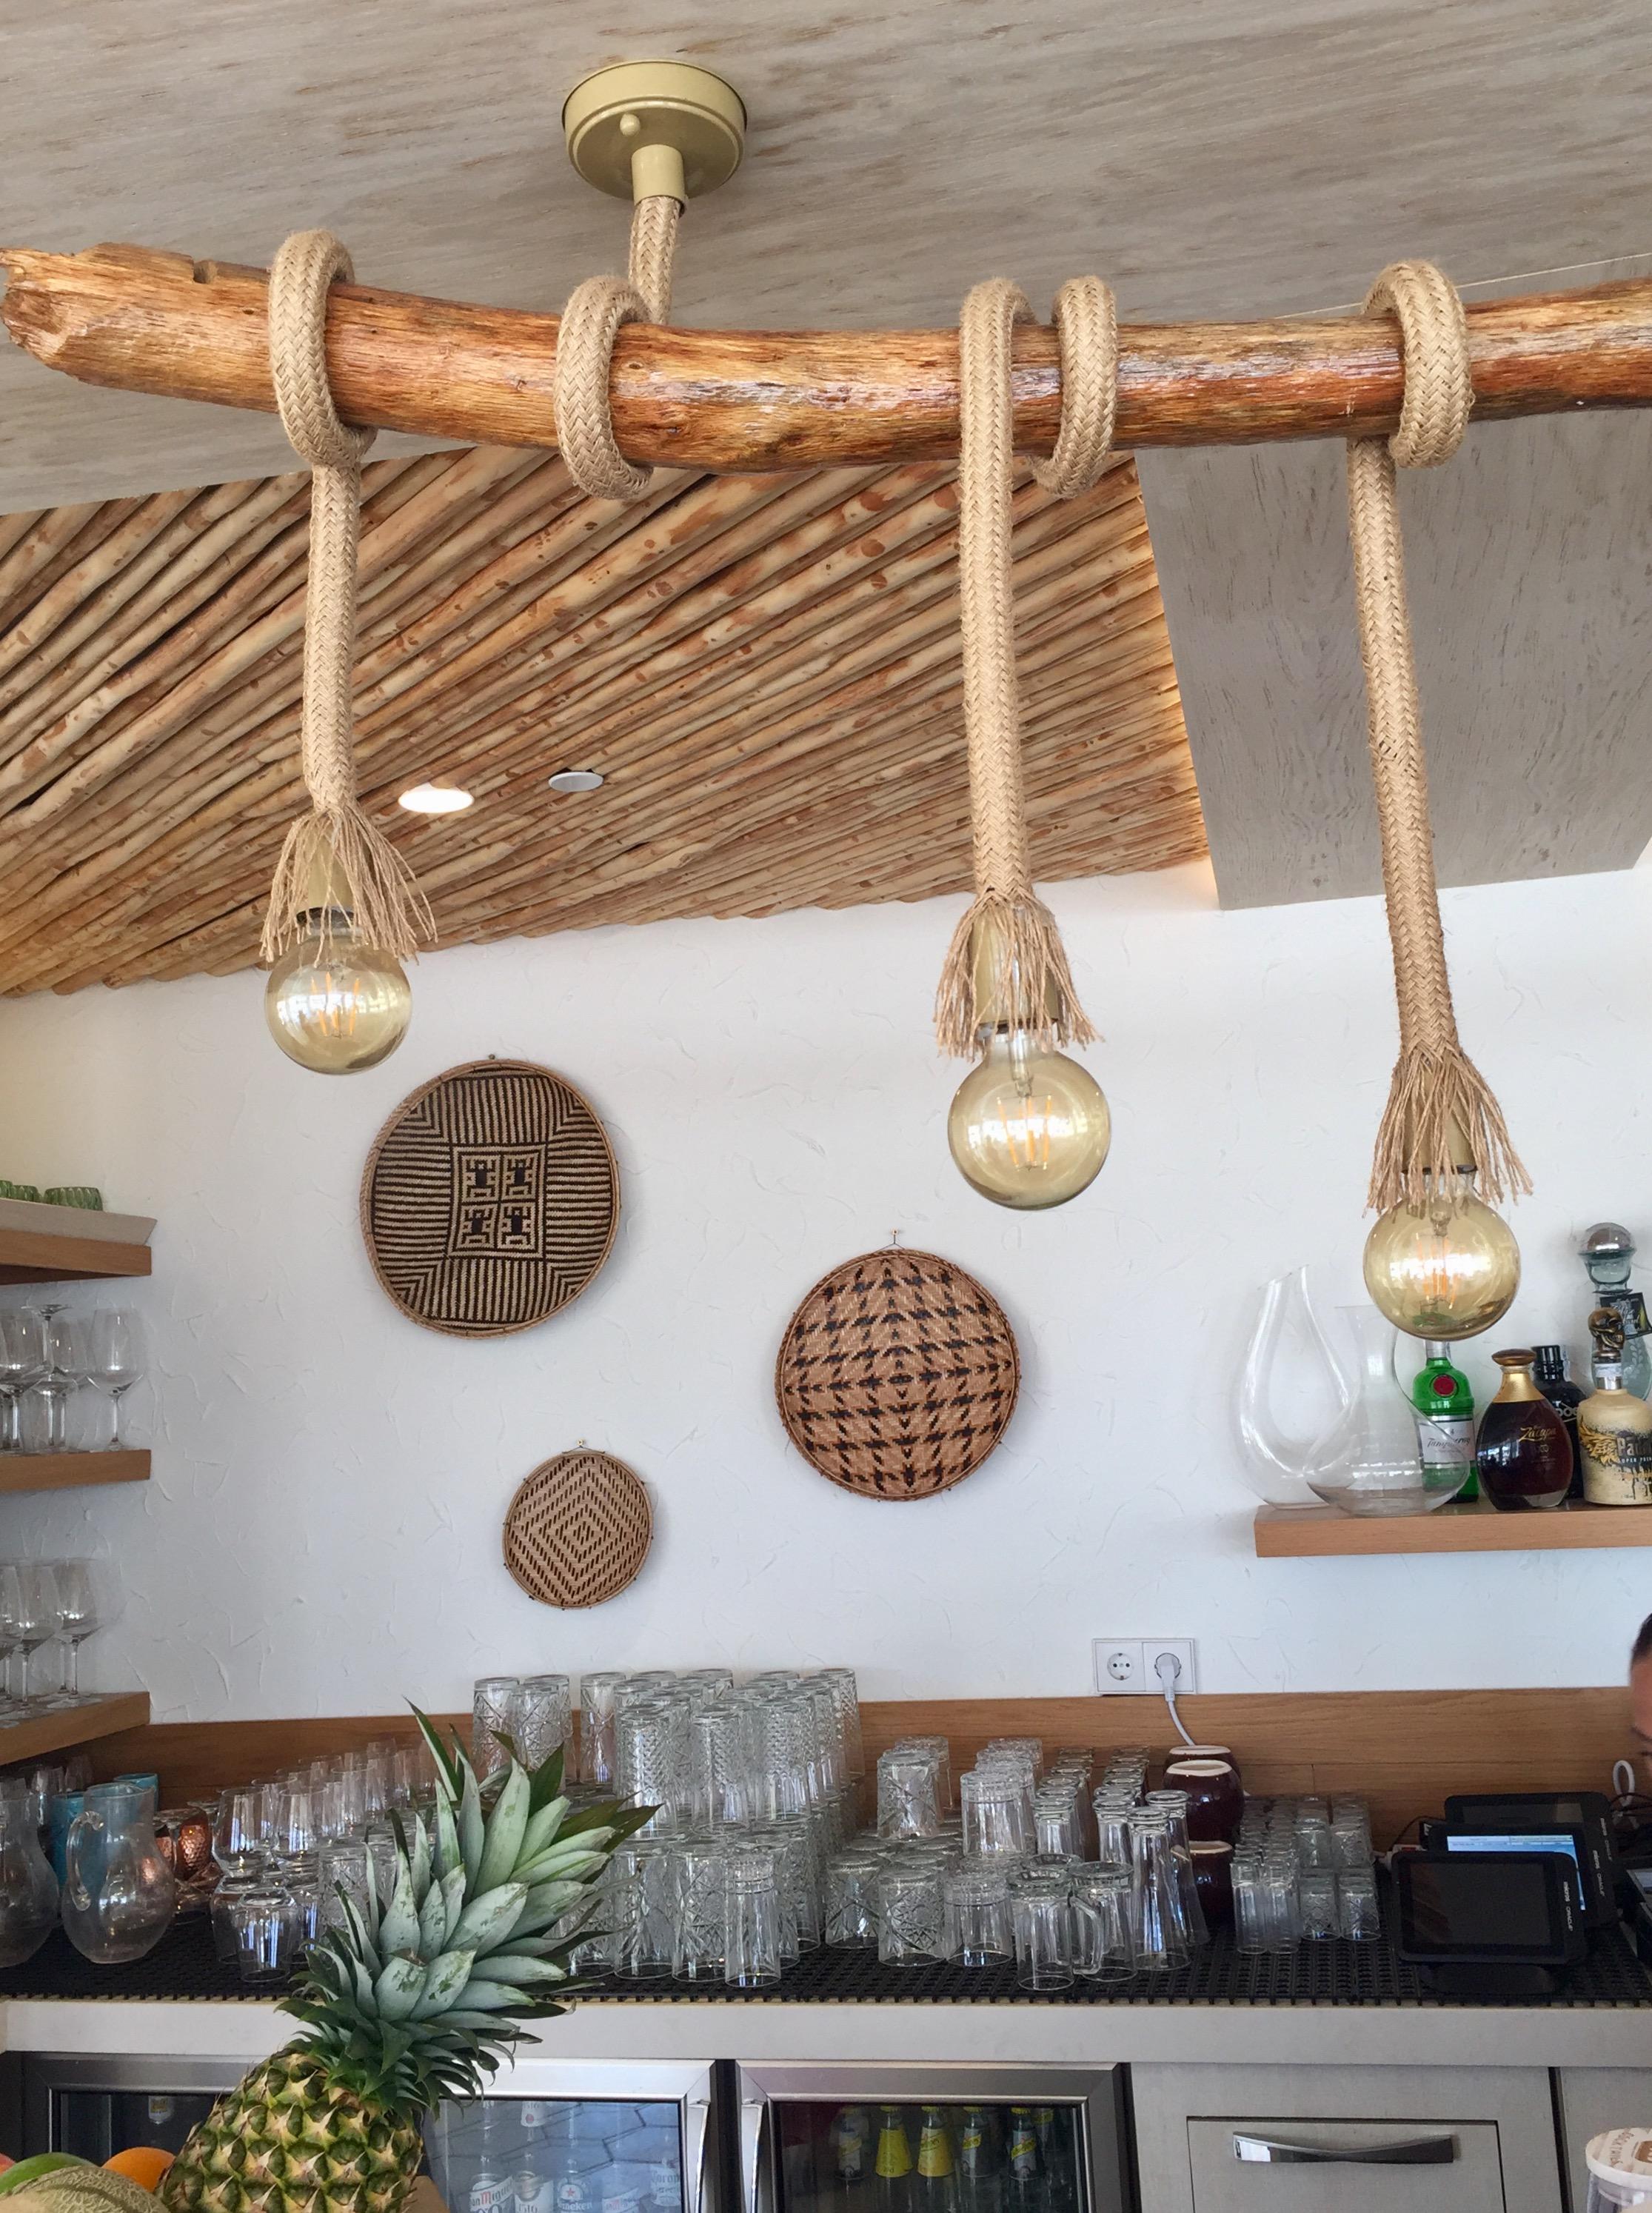 Einfache Dekoration Und Mobel Einrichten Mit Natuerlichen Materialien 2 #18: #lampen #inspo #couchliebt #nobuhotels #ibizabay #natuerlichewohnideen